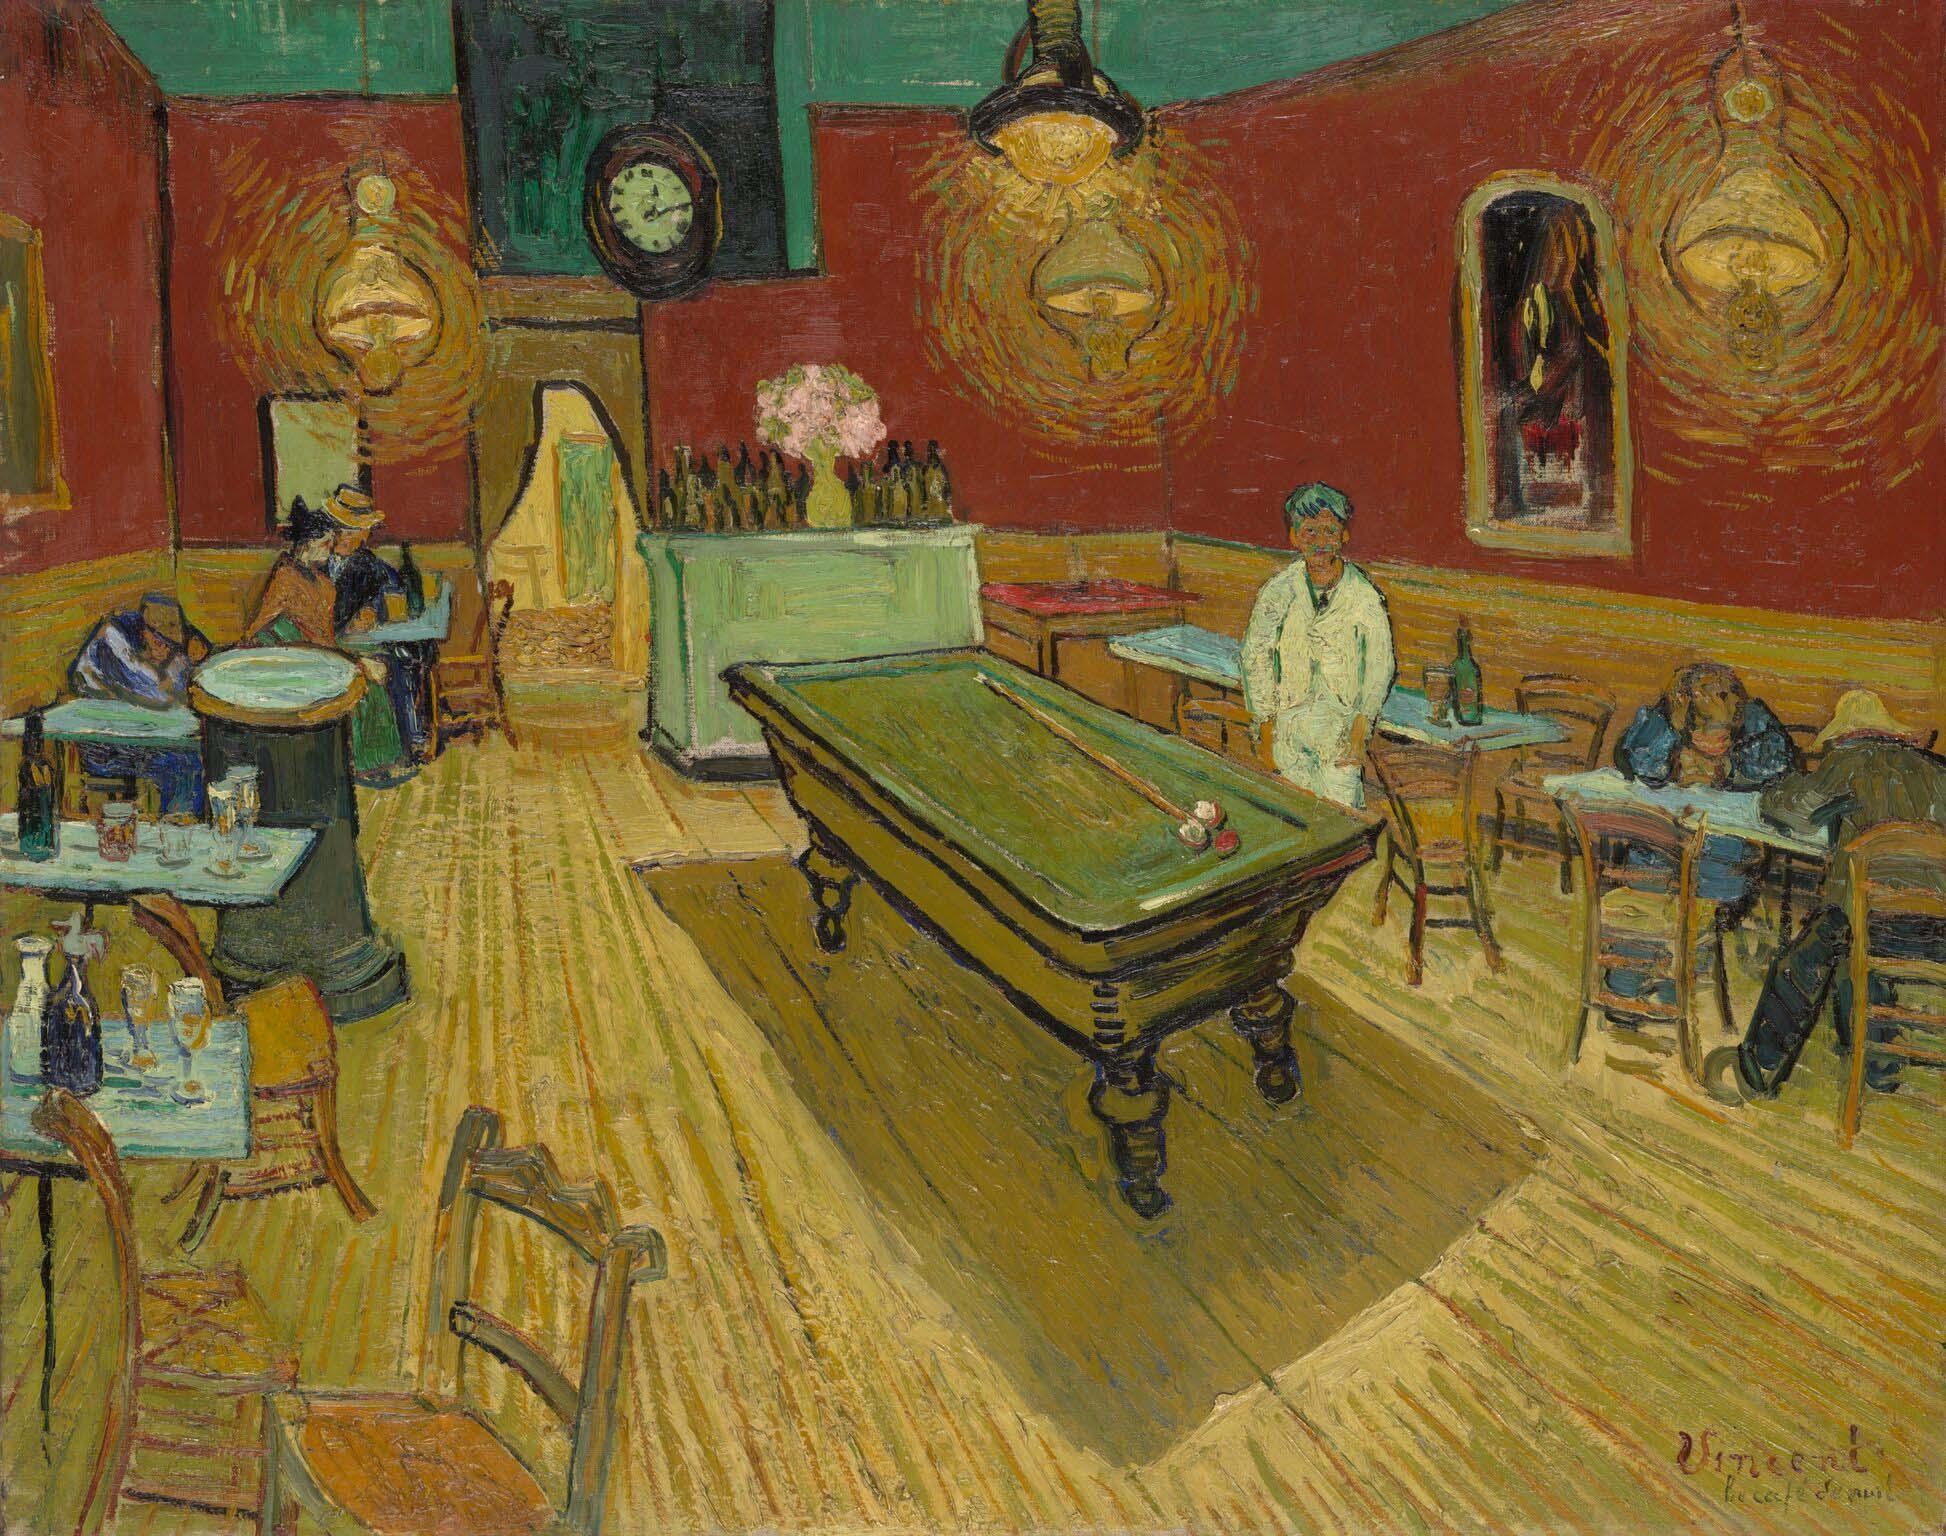 Fantastic-Canvas-Wall-Art-Print-Of-Classic-Art - Blue Horizon Prints